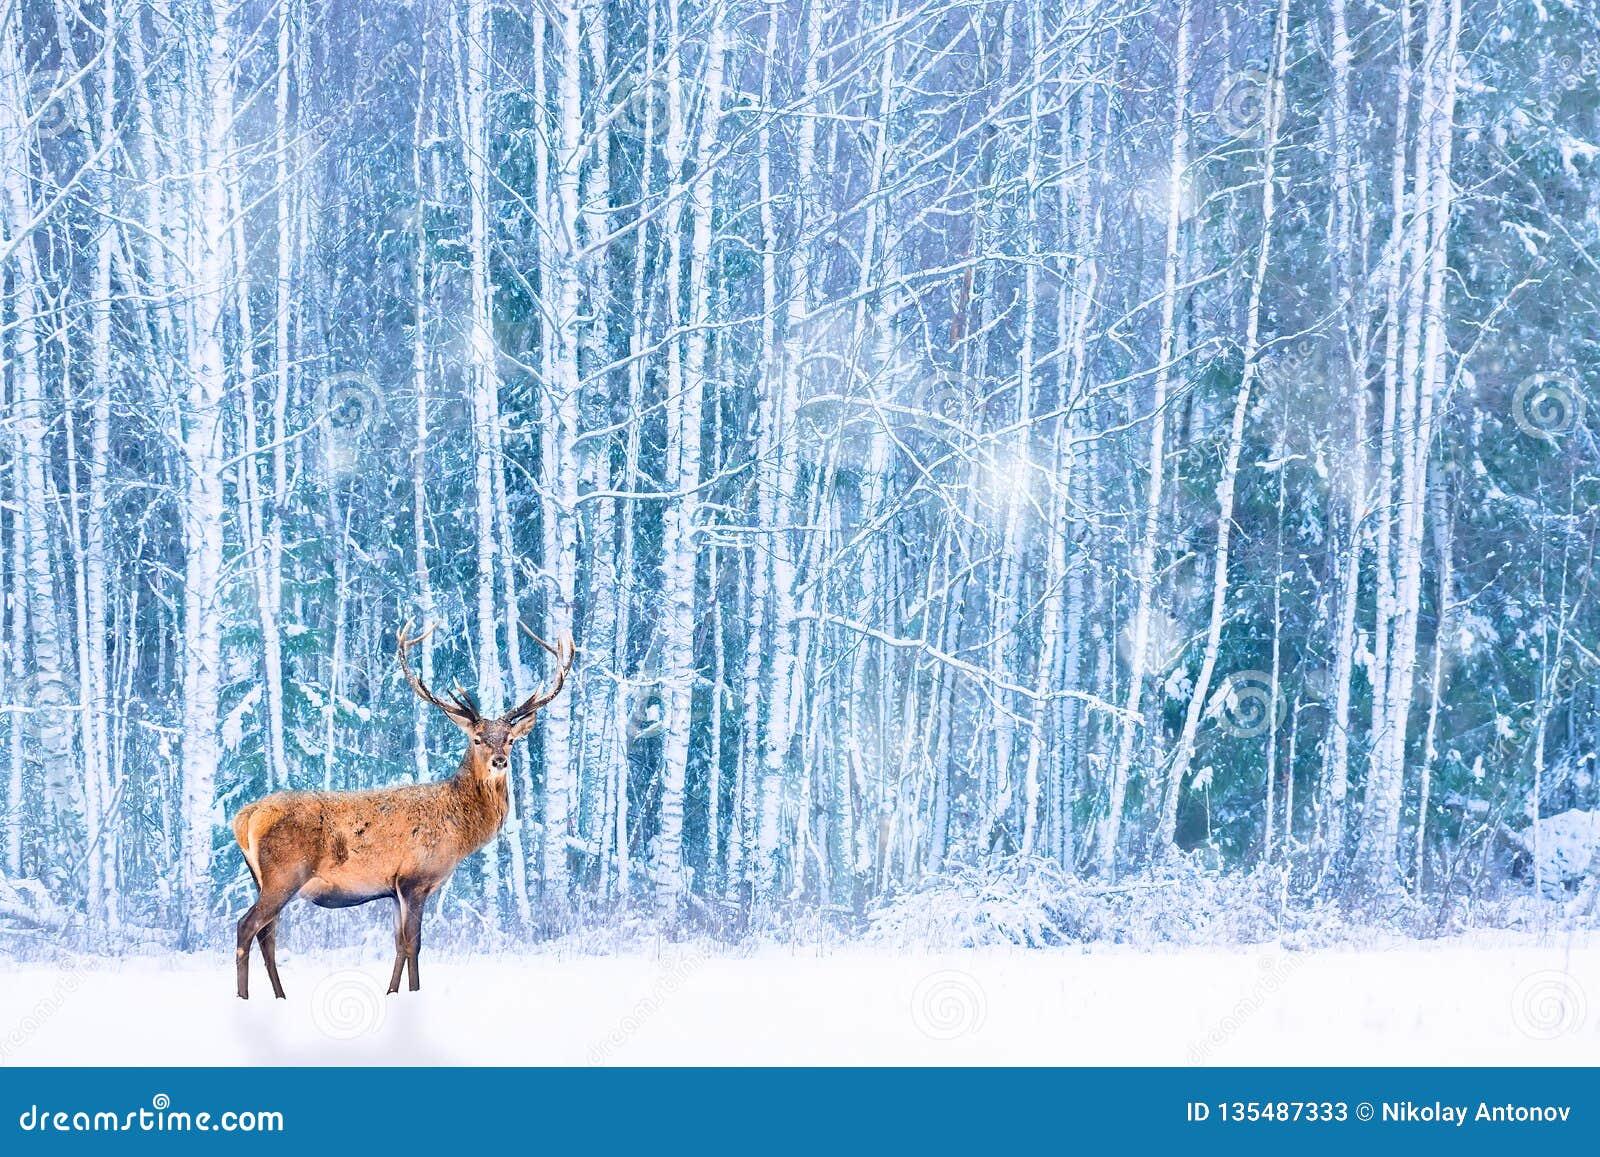 Cervi nobili contro il Natale leggiadramente artistico della foresta nevosa di inverno Immagine stagionale di inverno